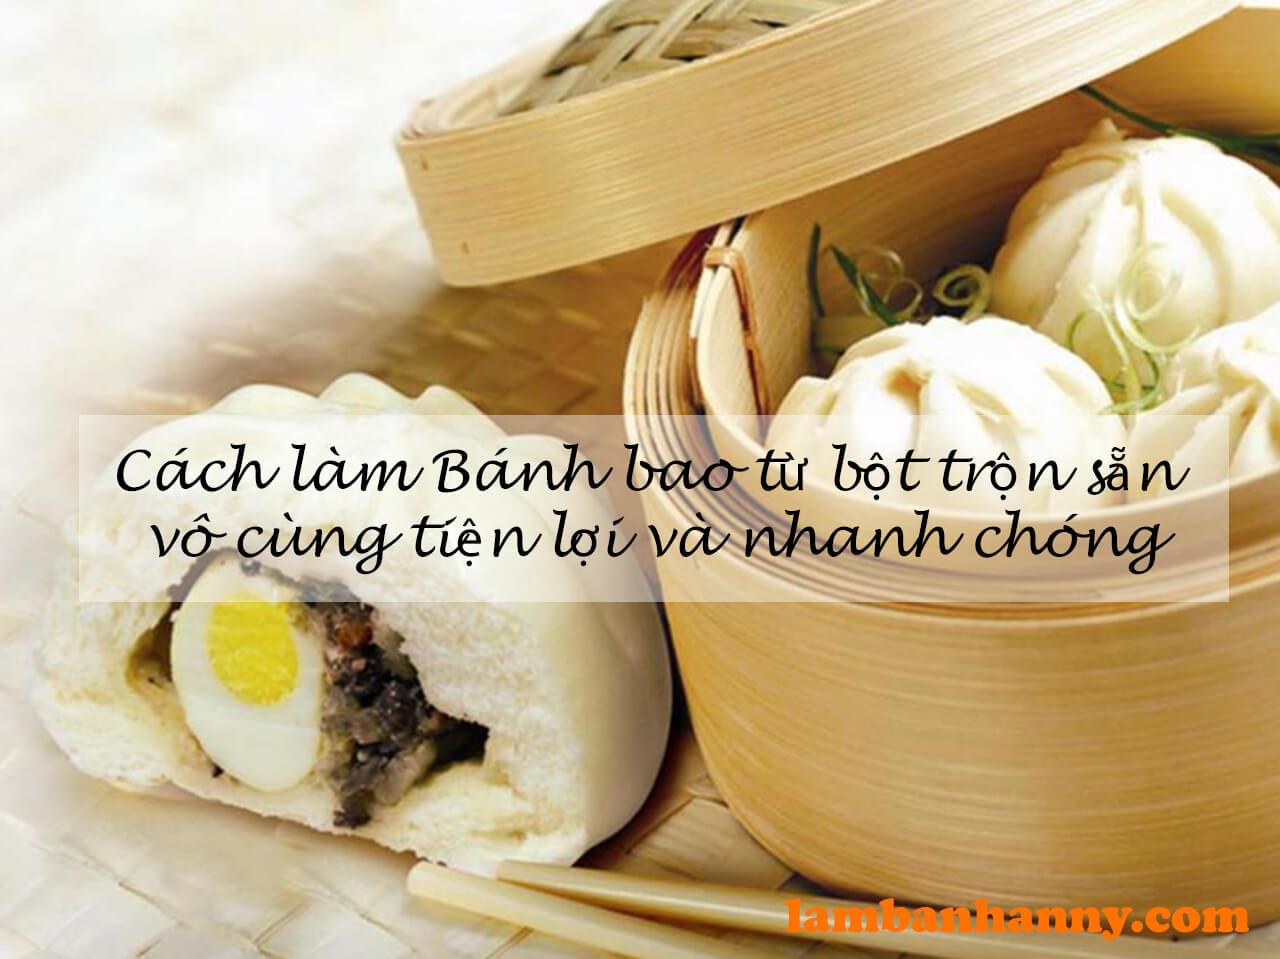 Cách làm Bánh bao từ bột trộn sẵn vô cùng tiện lợi và nhanh chóng